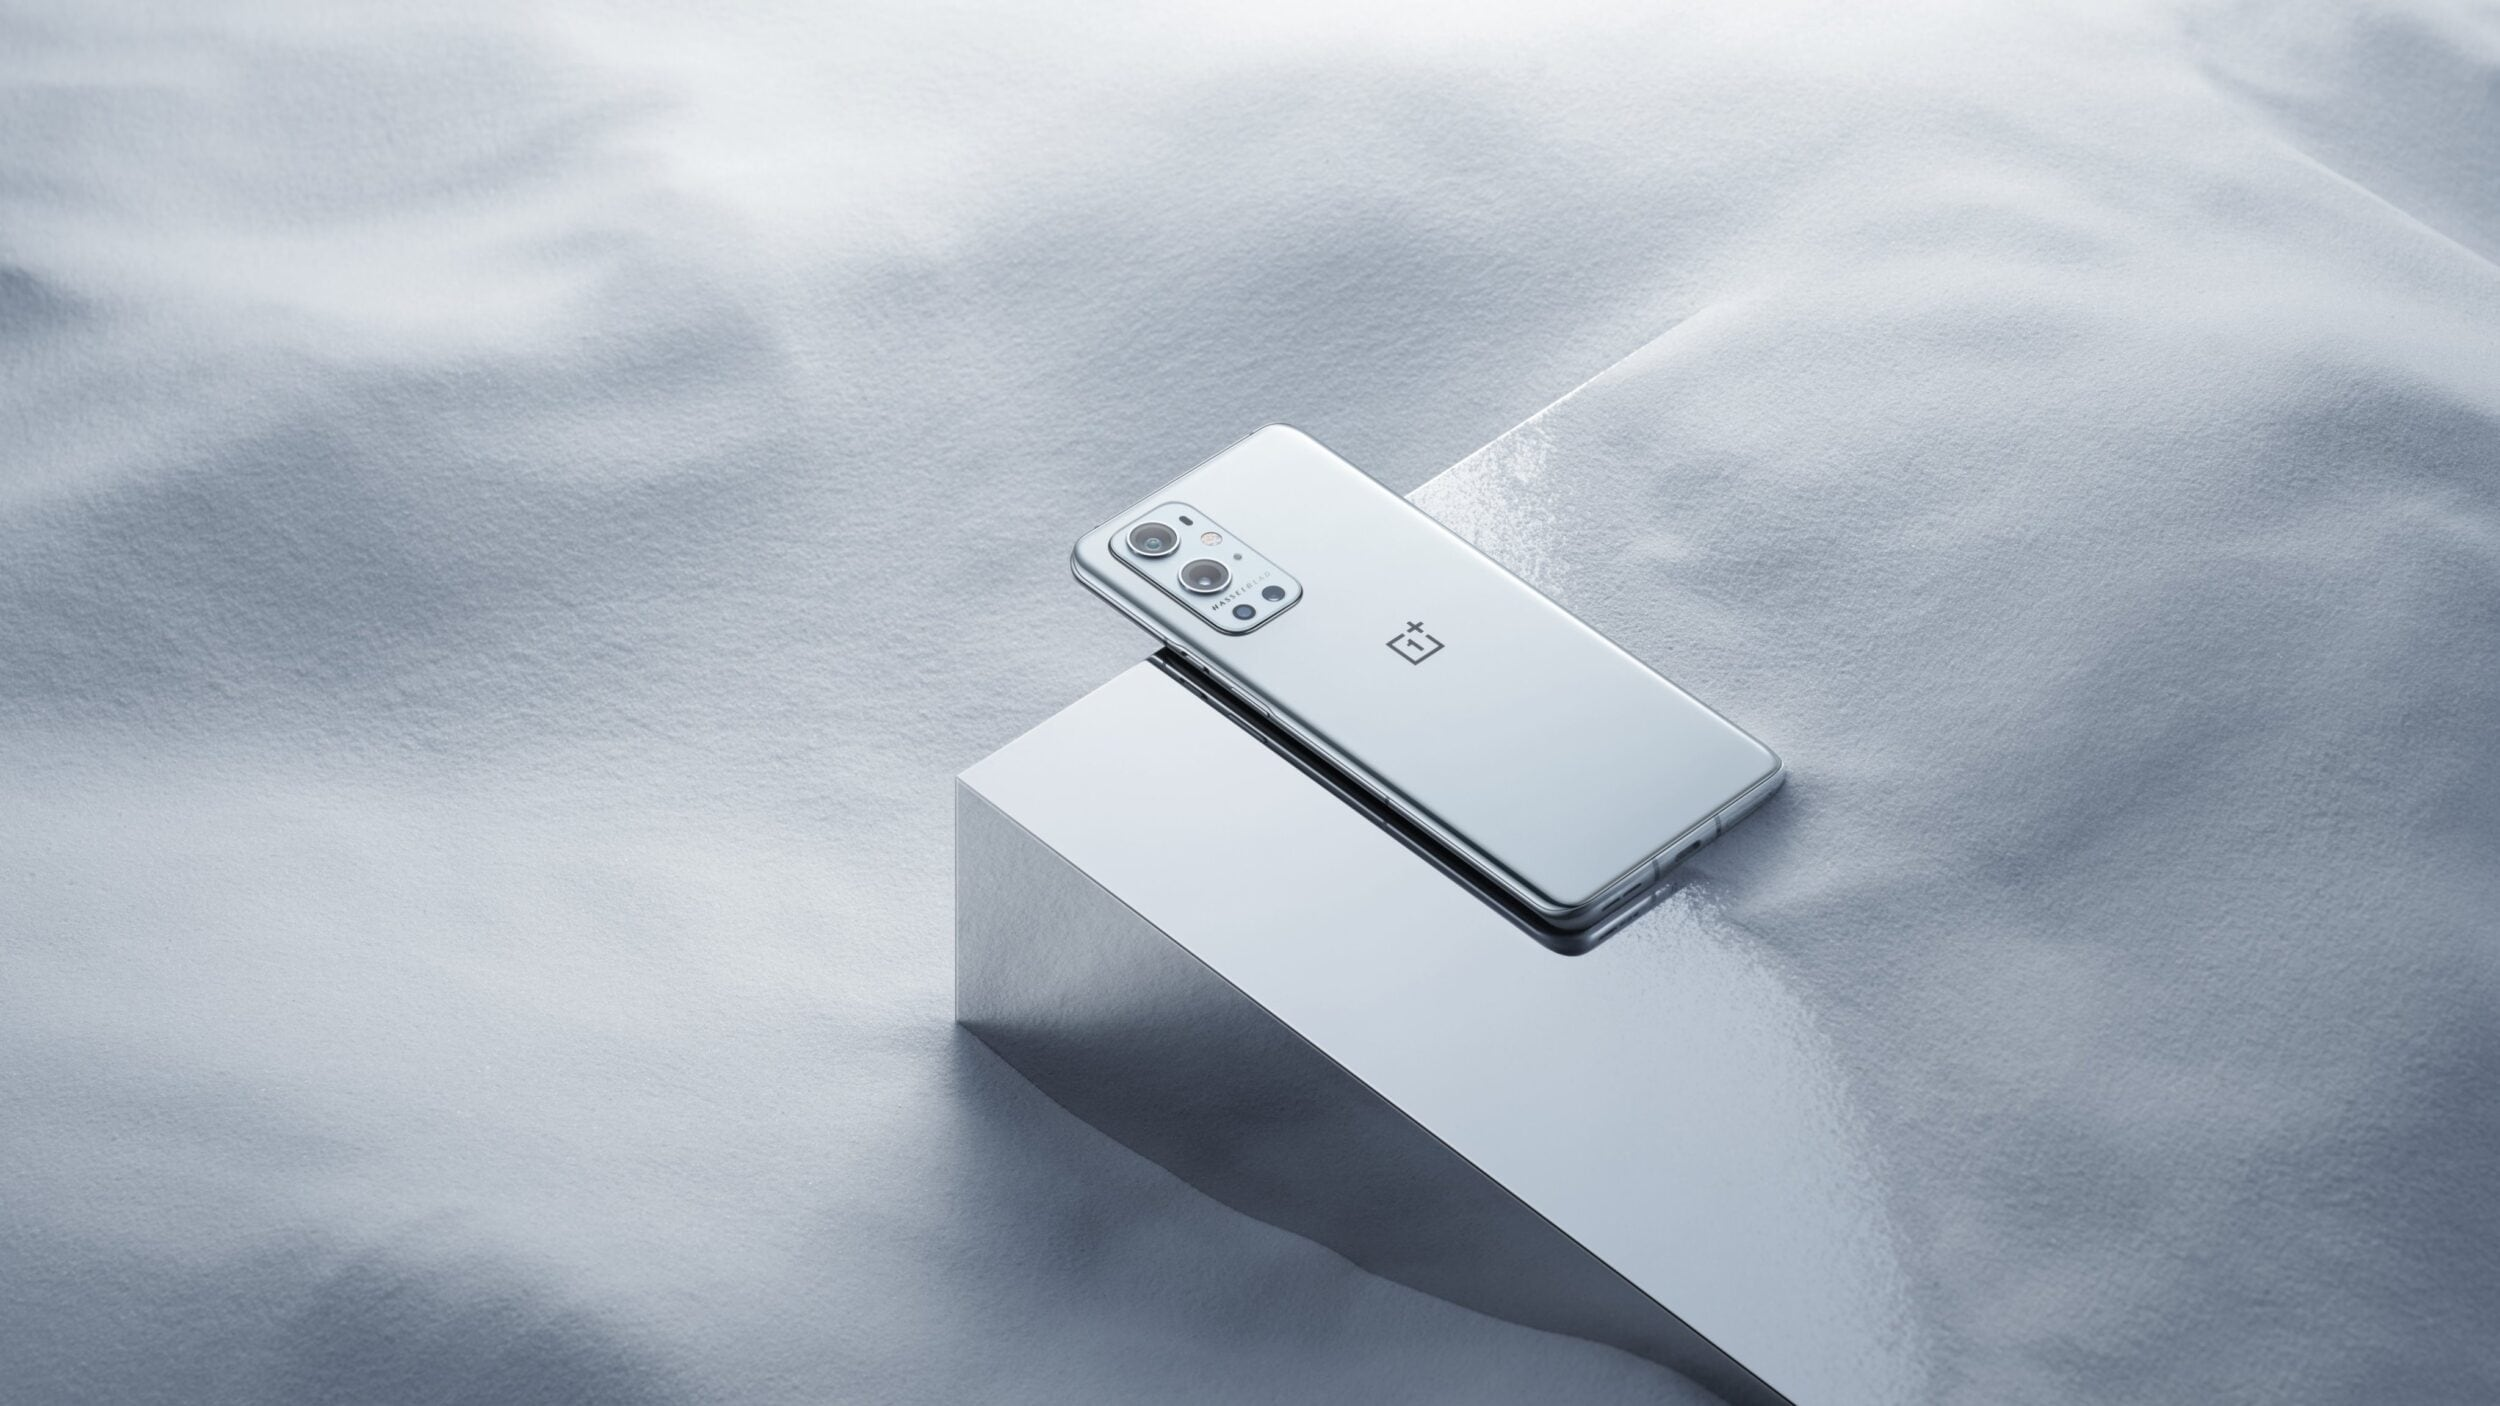 OnePlus lancia il programma Closed Beta anche per OnePlus 9 e 9 Pro: ecco chi può aderire